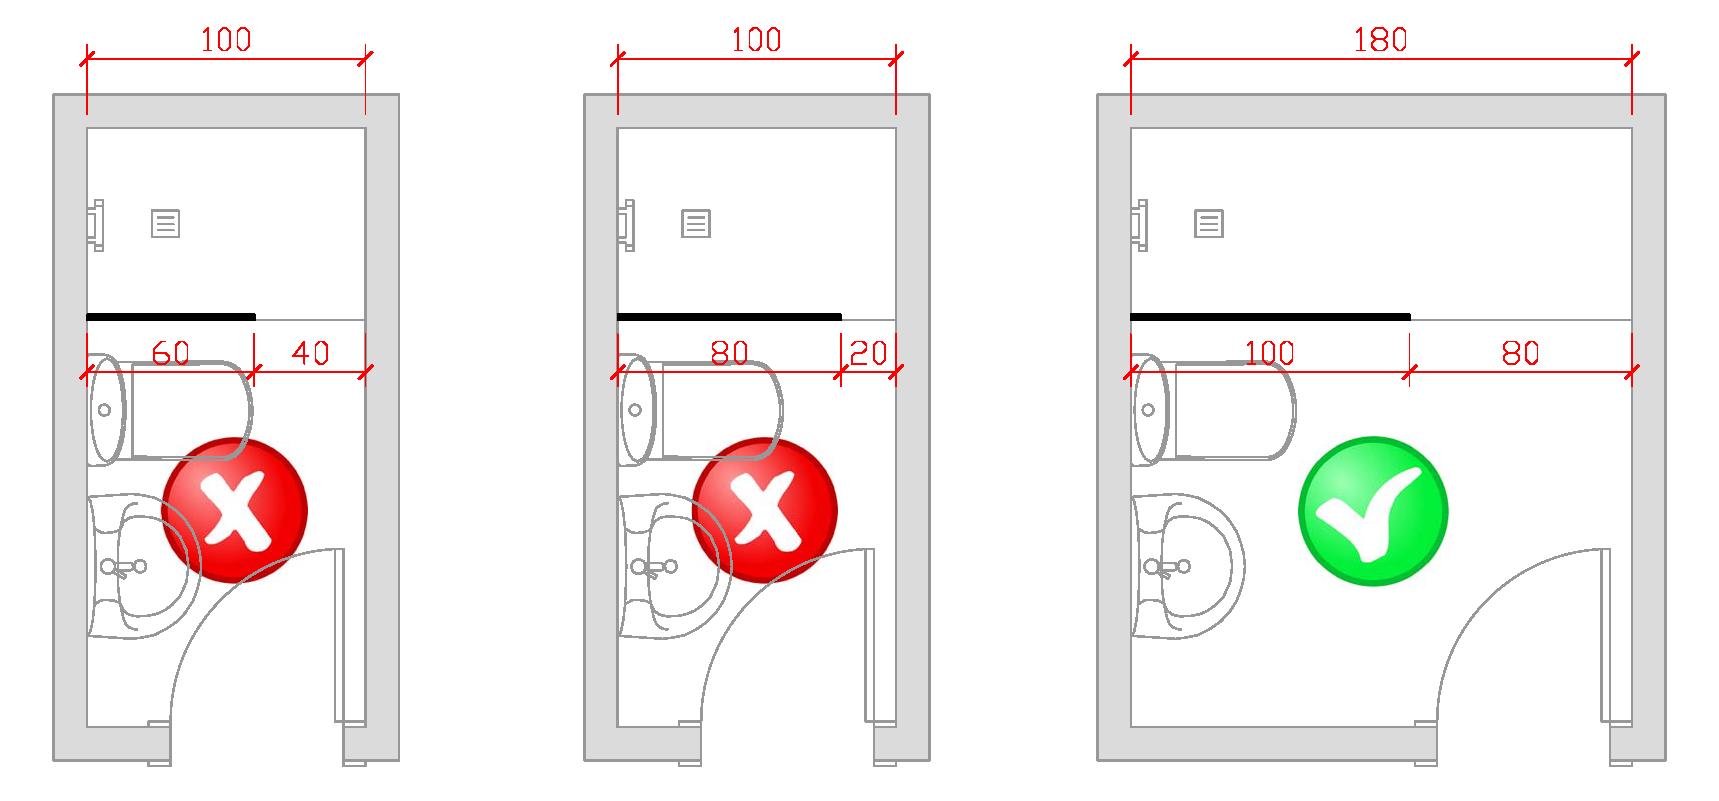 Mamparas de ducha parte 2 modelos y accesibilidad aqua - Medidas de mamparas de ducha ...